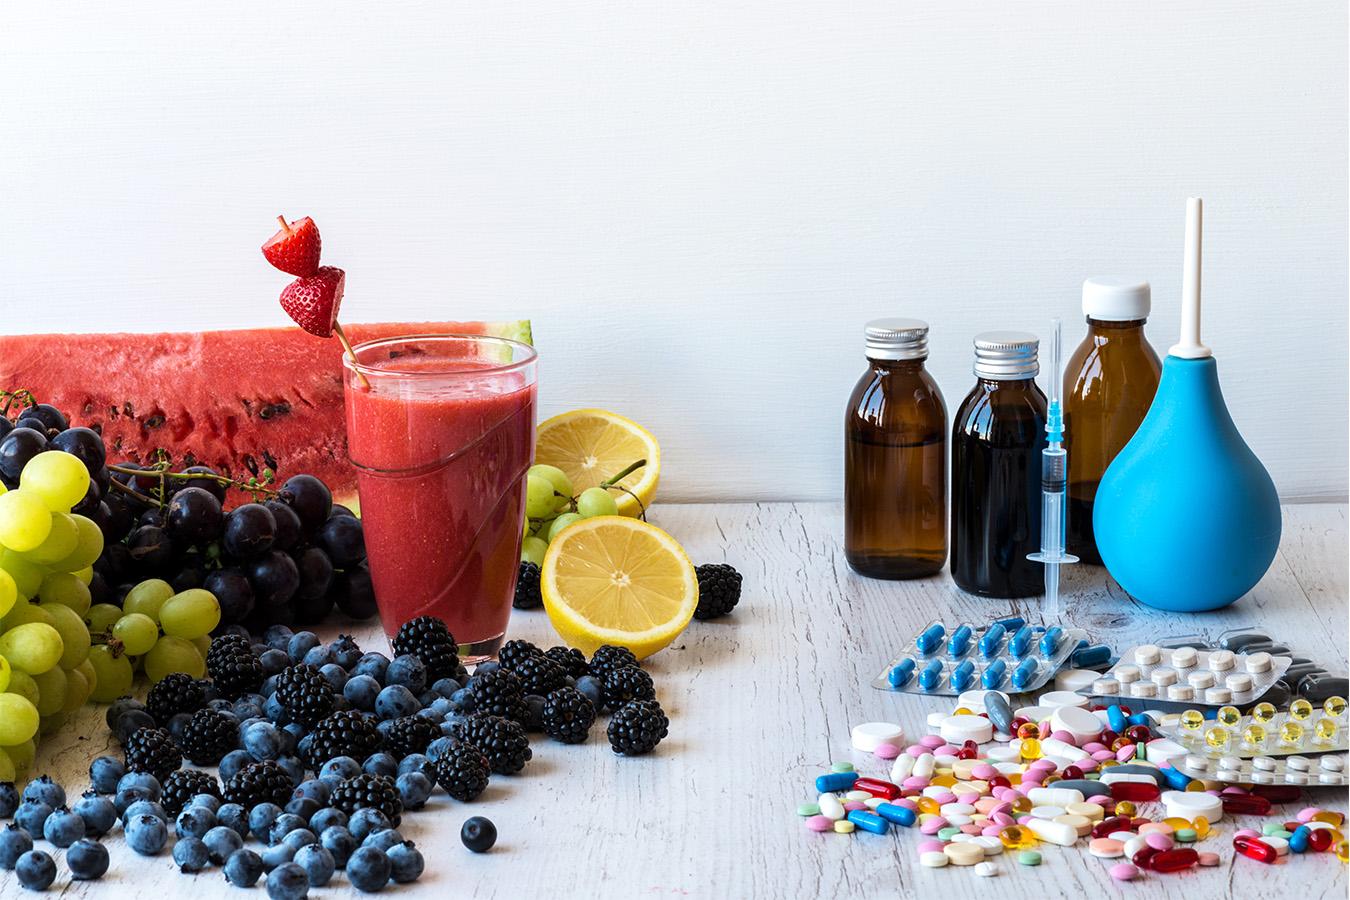 【TGA x 食力】健康市場商機無限!2021年亞太區保健食品市值上看896.3億美元